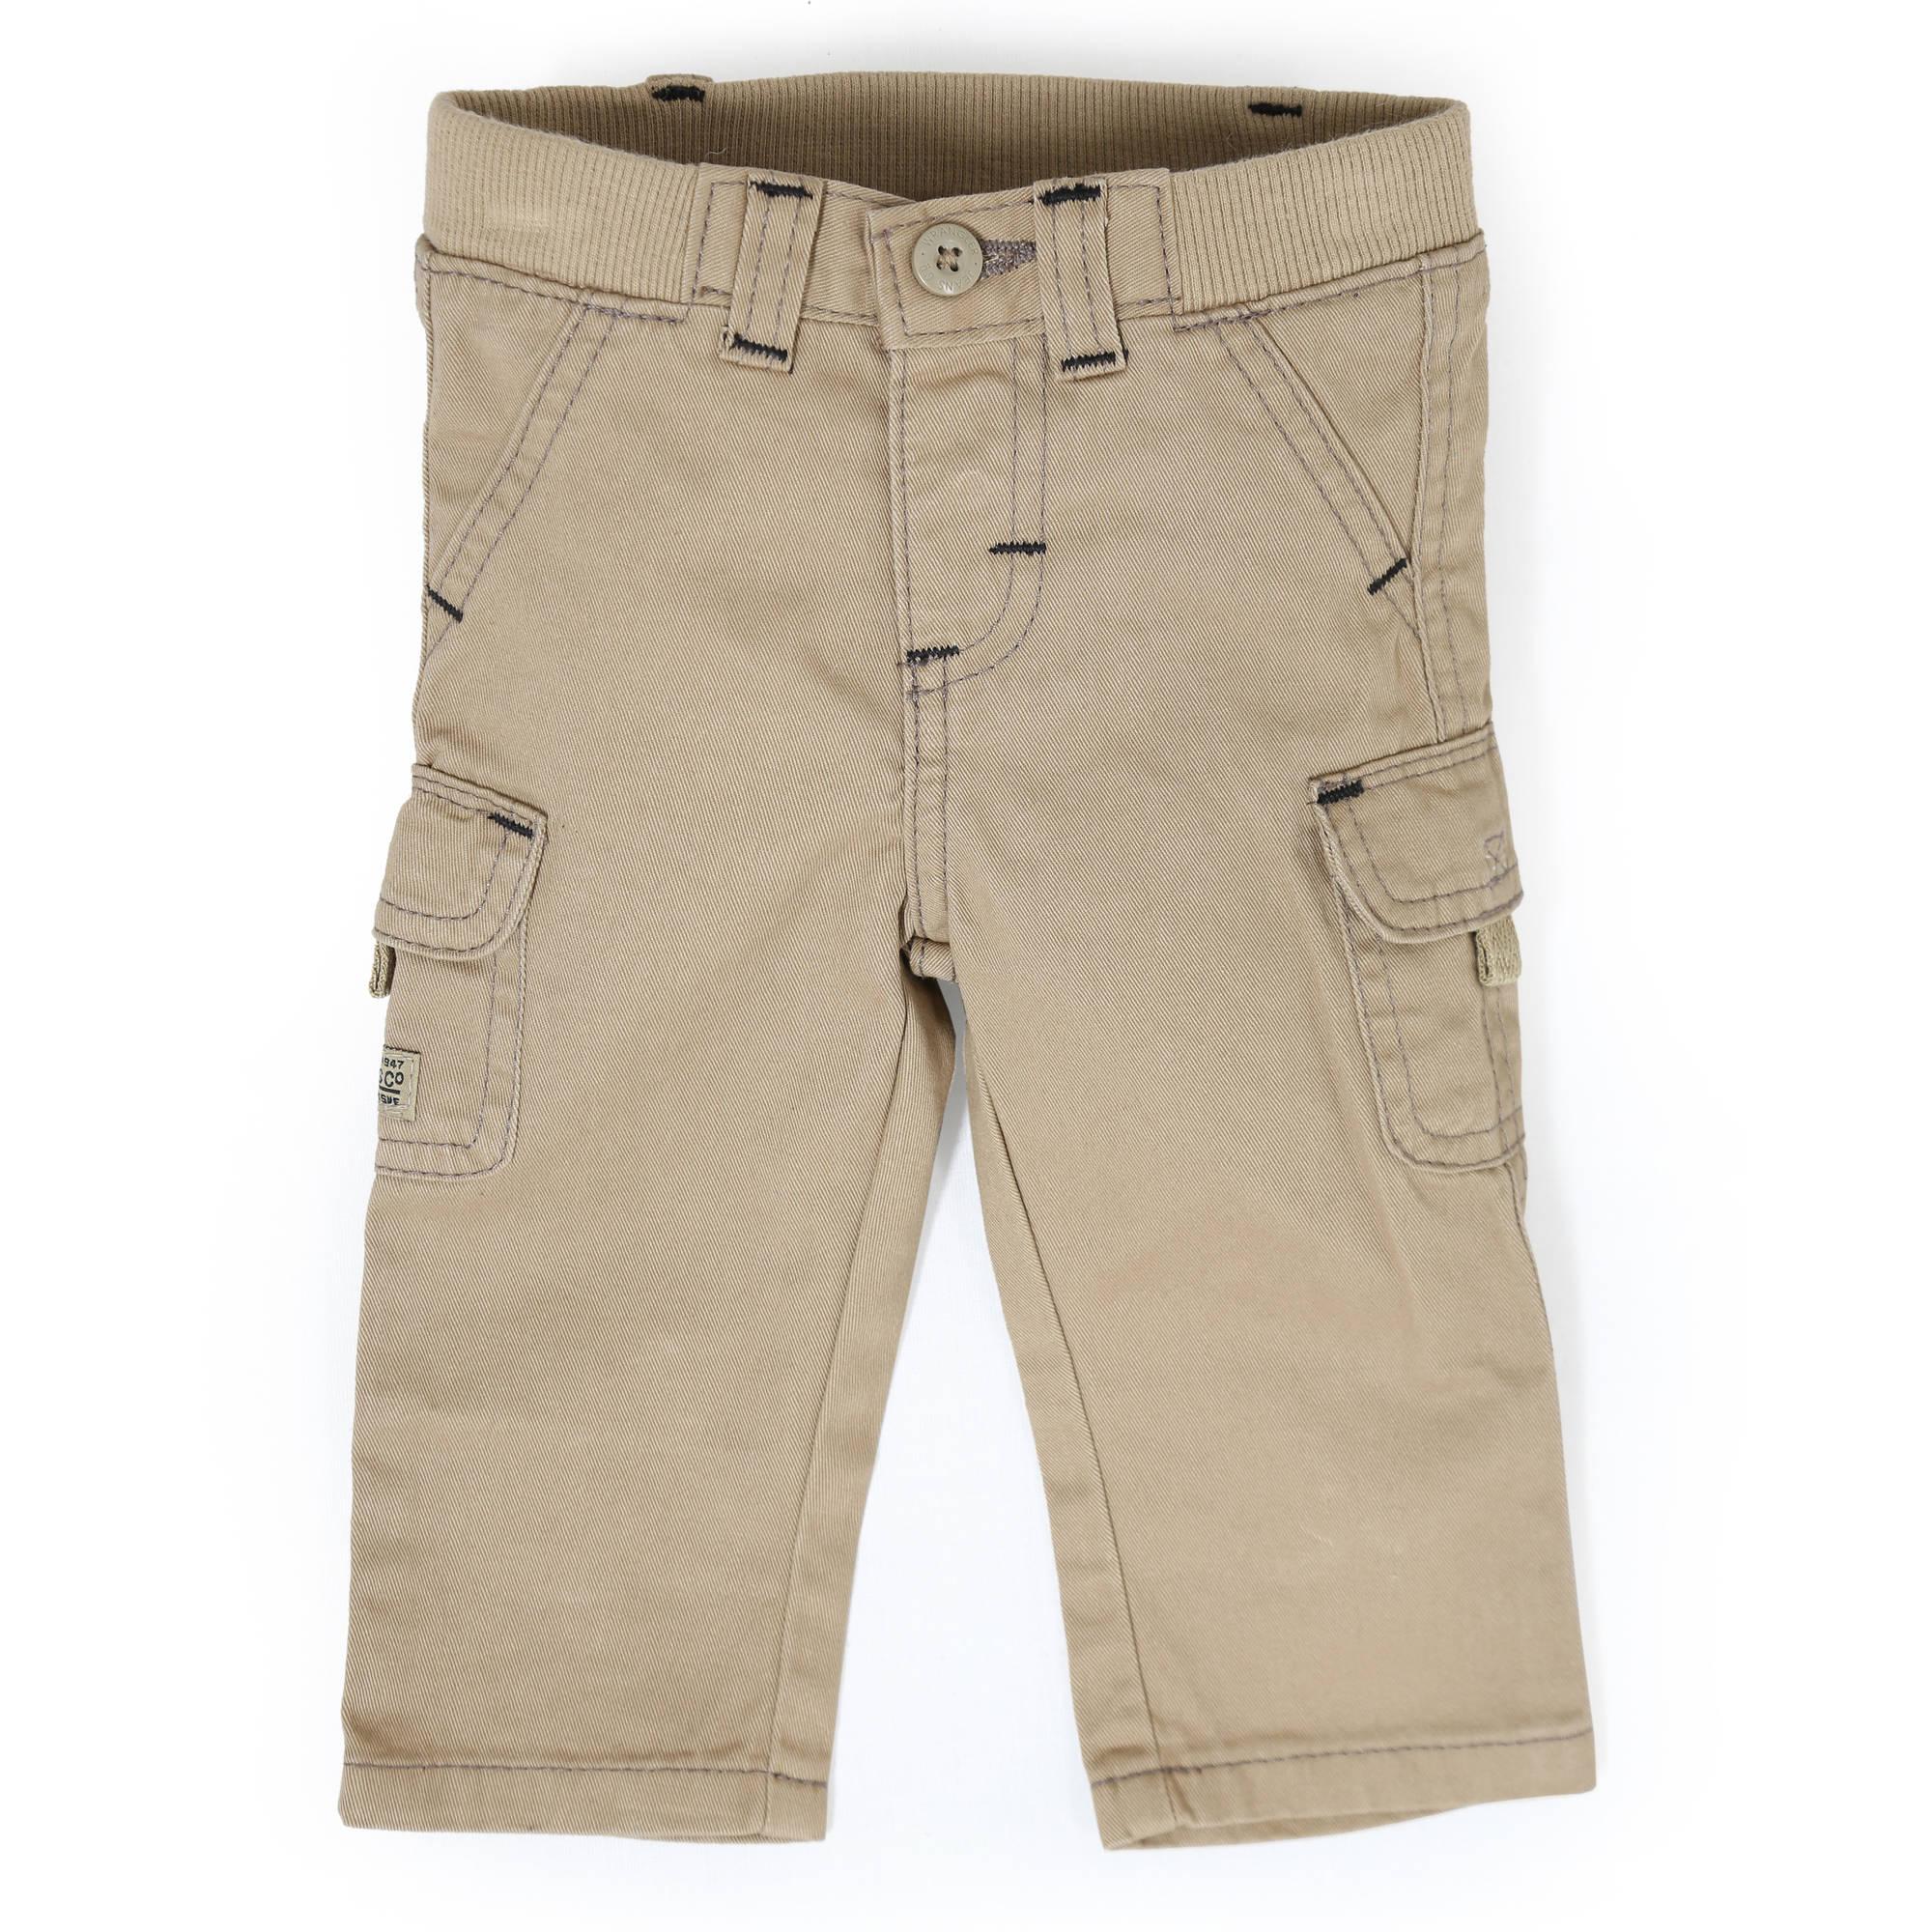 Wrangler Newborn Boy Cargo Pants